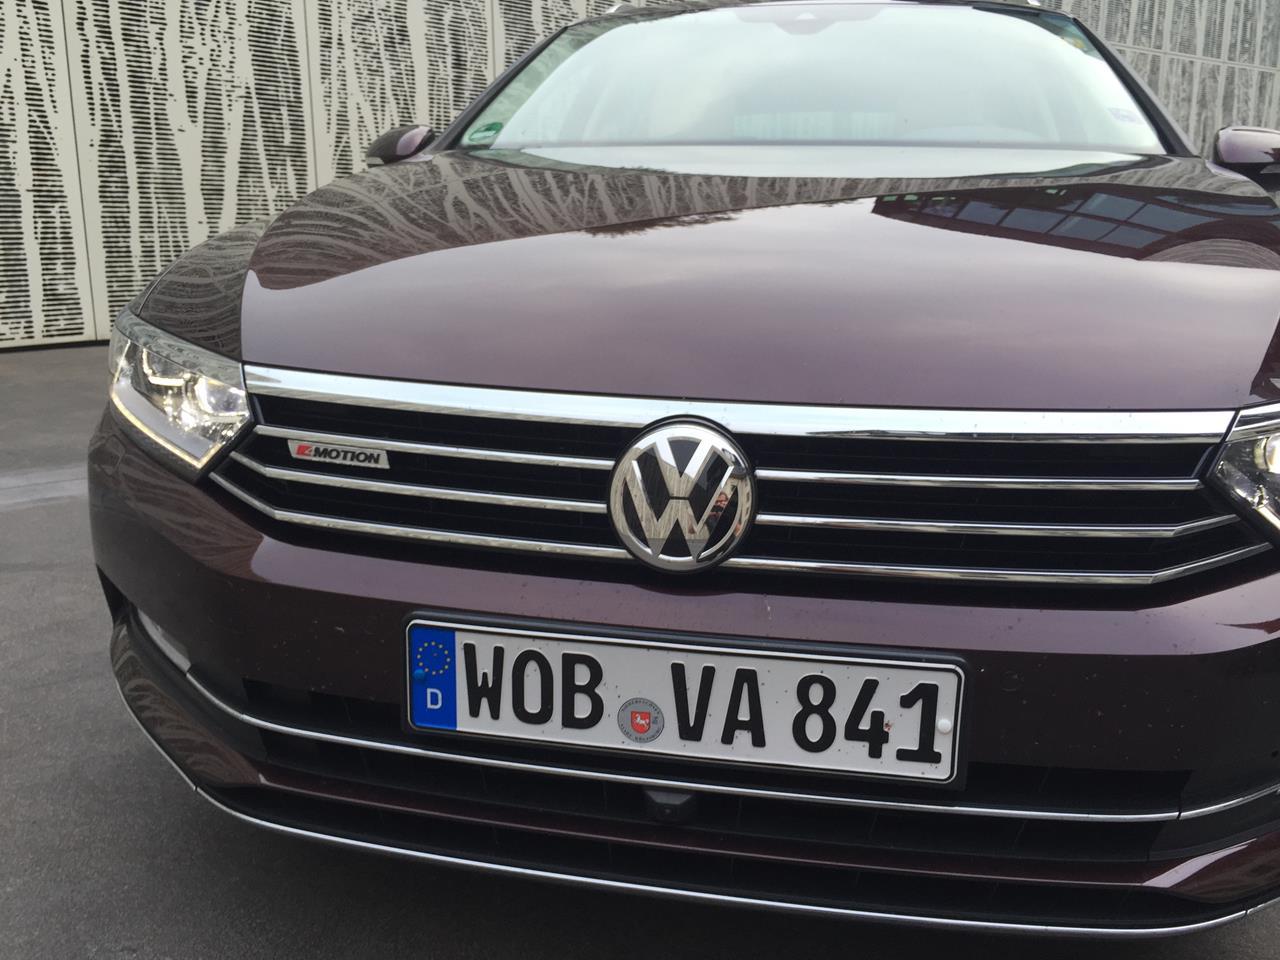 Volkswagen Passat photo 169927